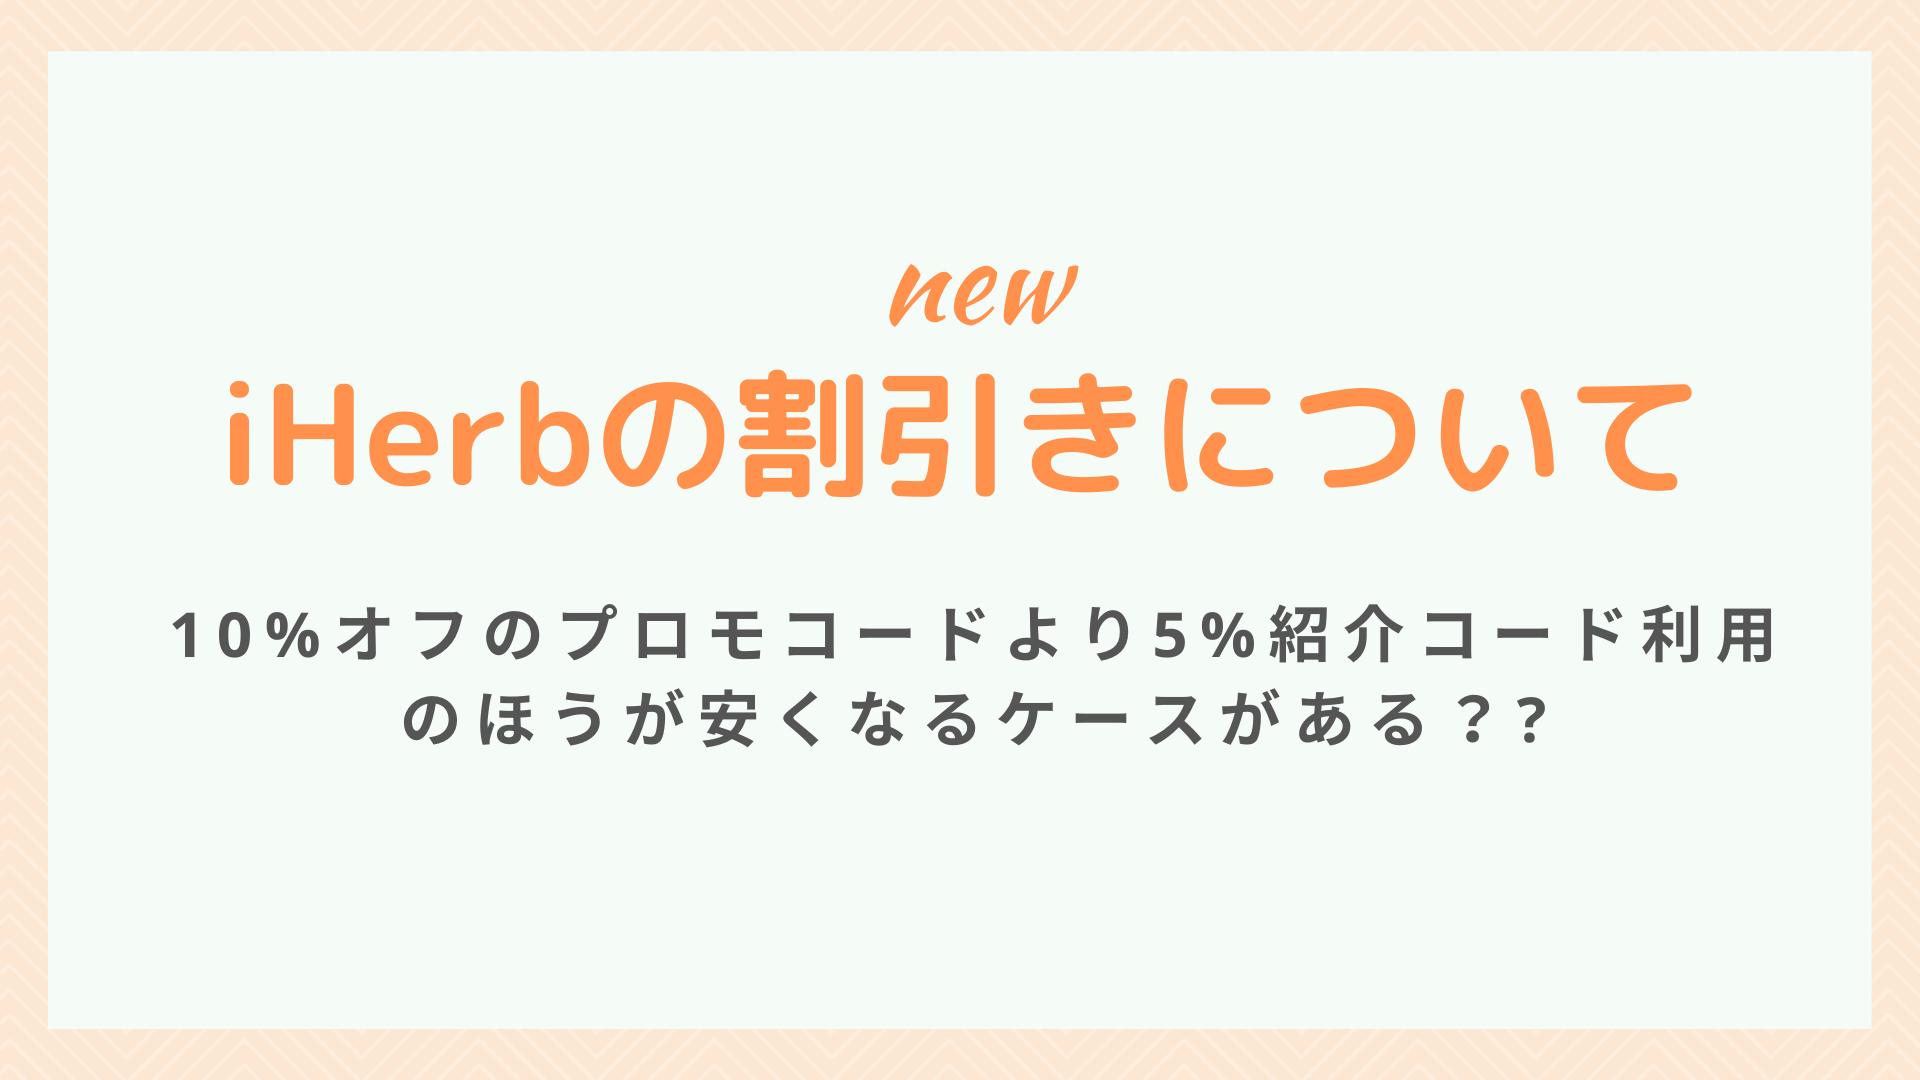 iHerbの紹介コードとプロモコードについて